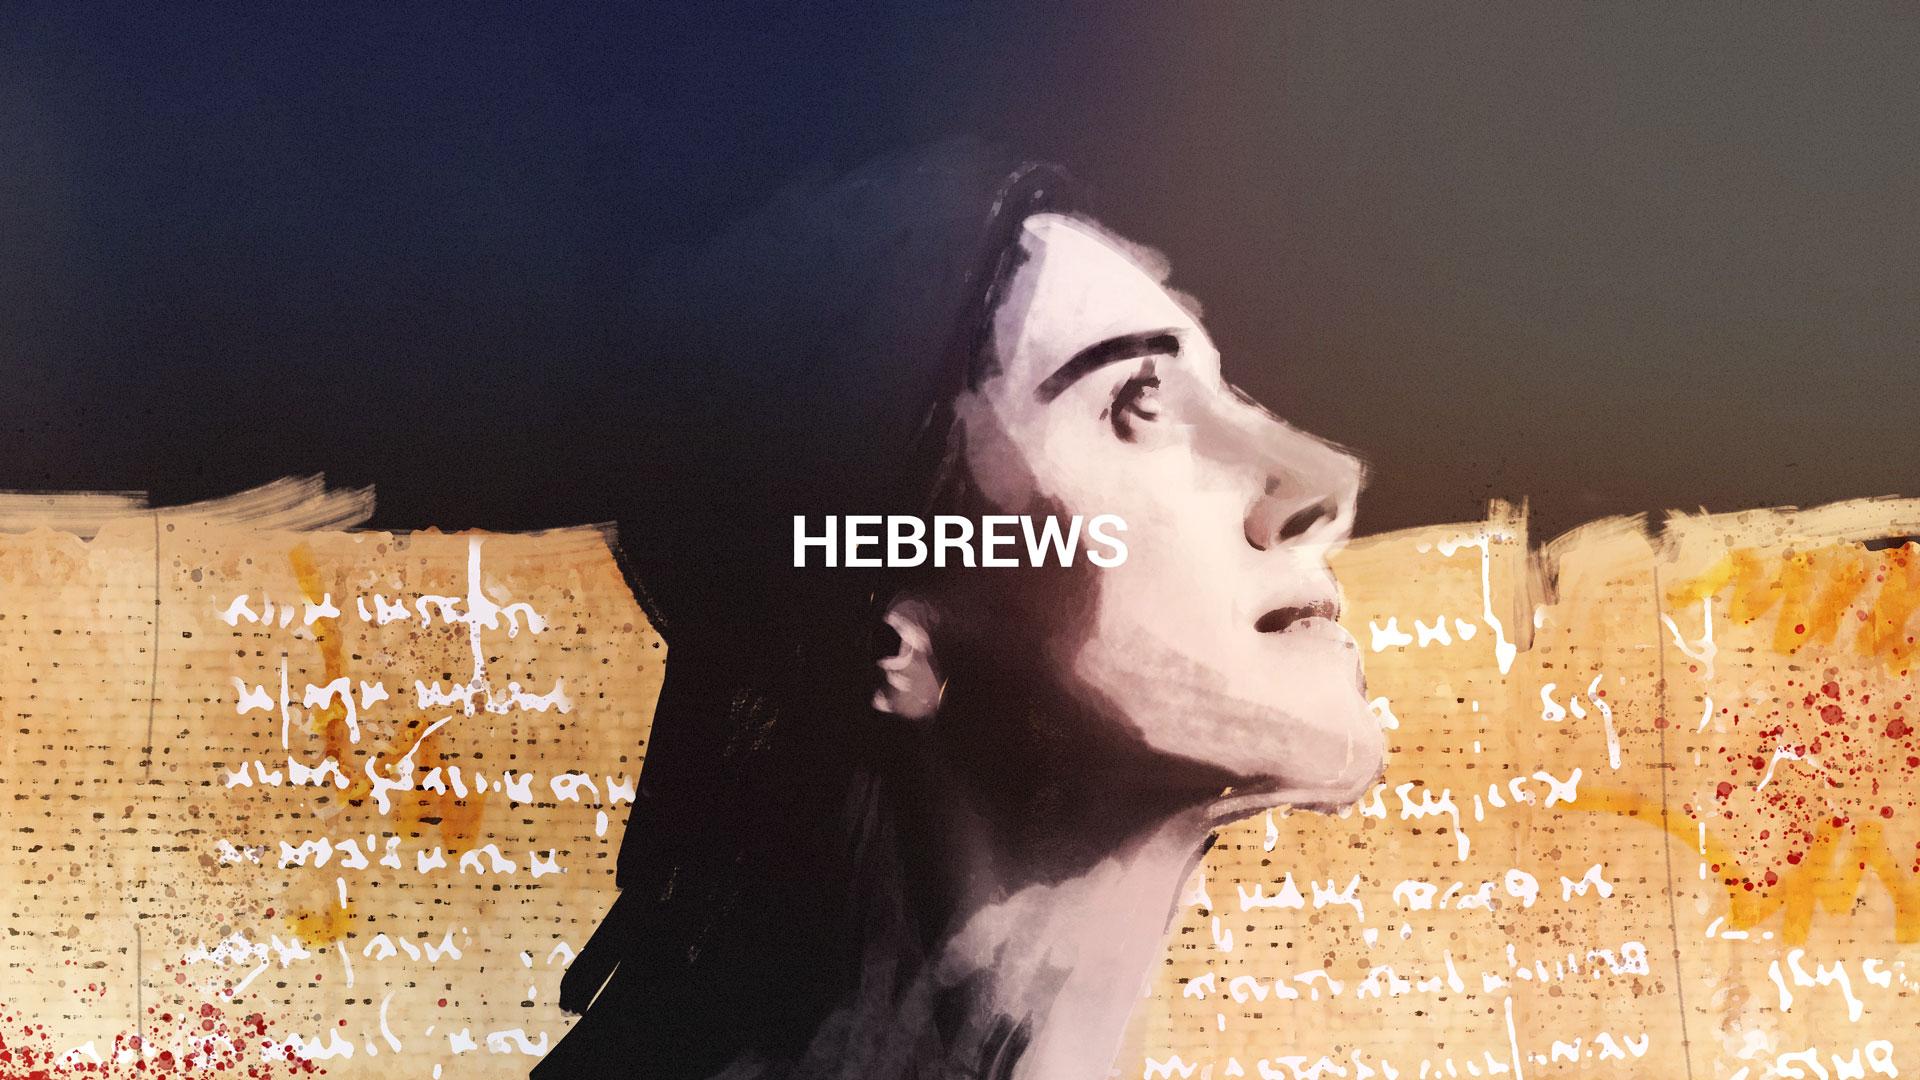 hebrews_1_main_v2.jpg